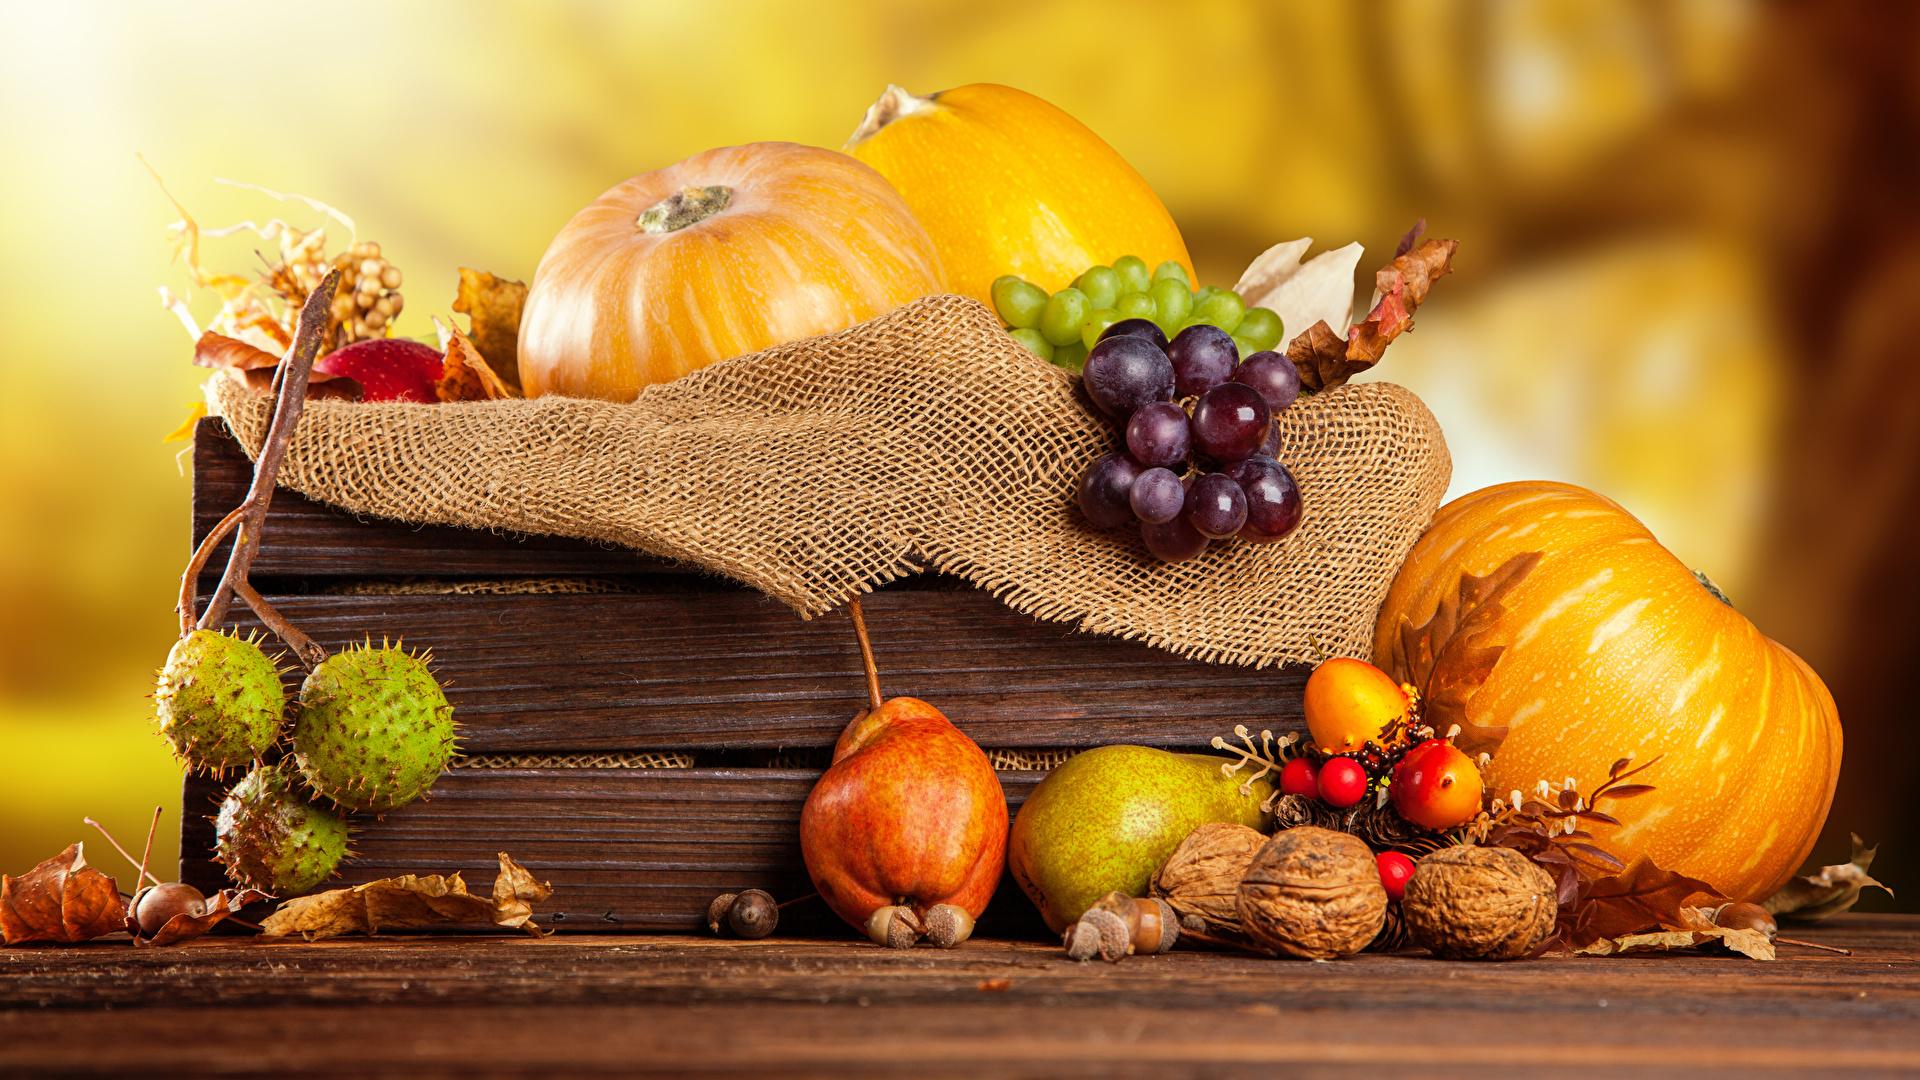 Фото Осень Тыква Груши Виноград Пища Орехи 1920x1080 осенние Еда Продукты питания